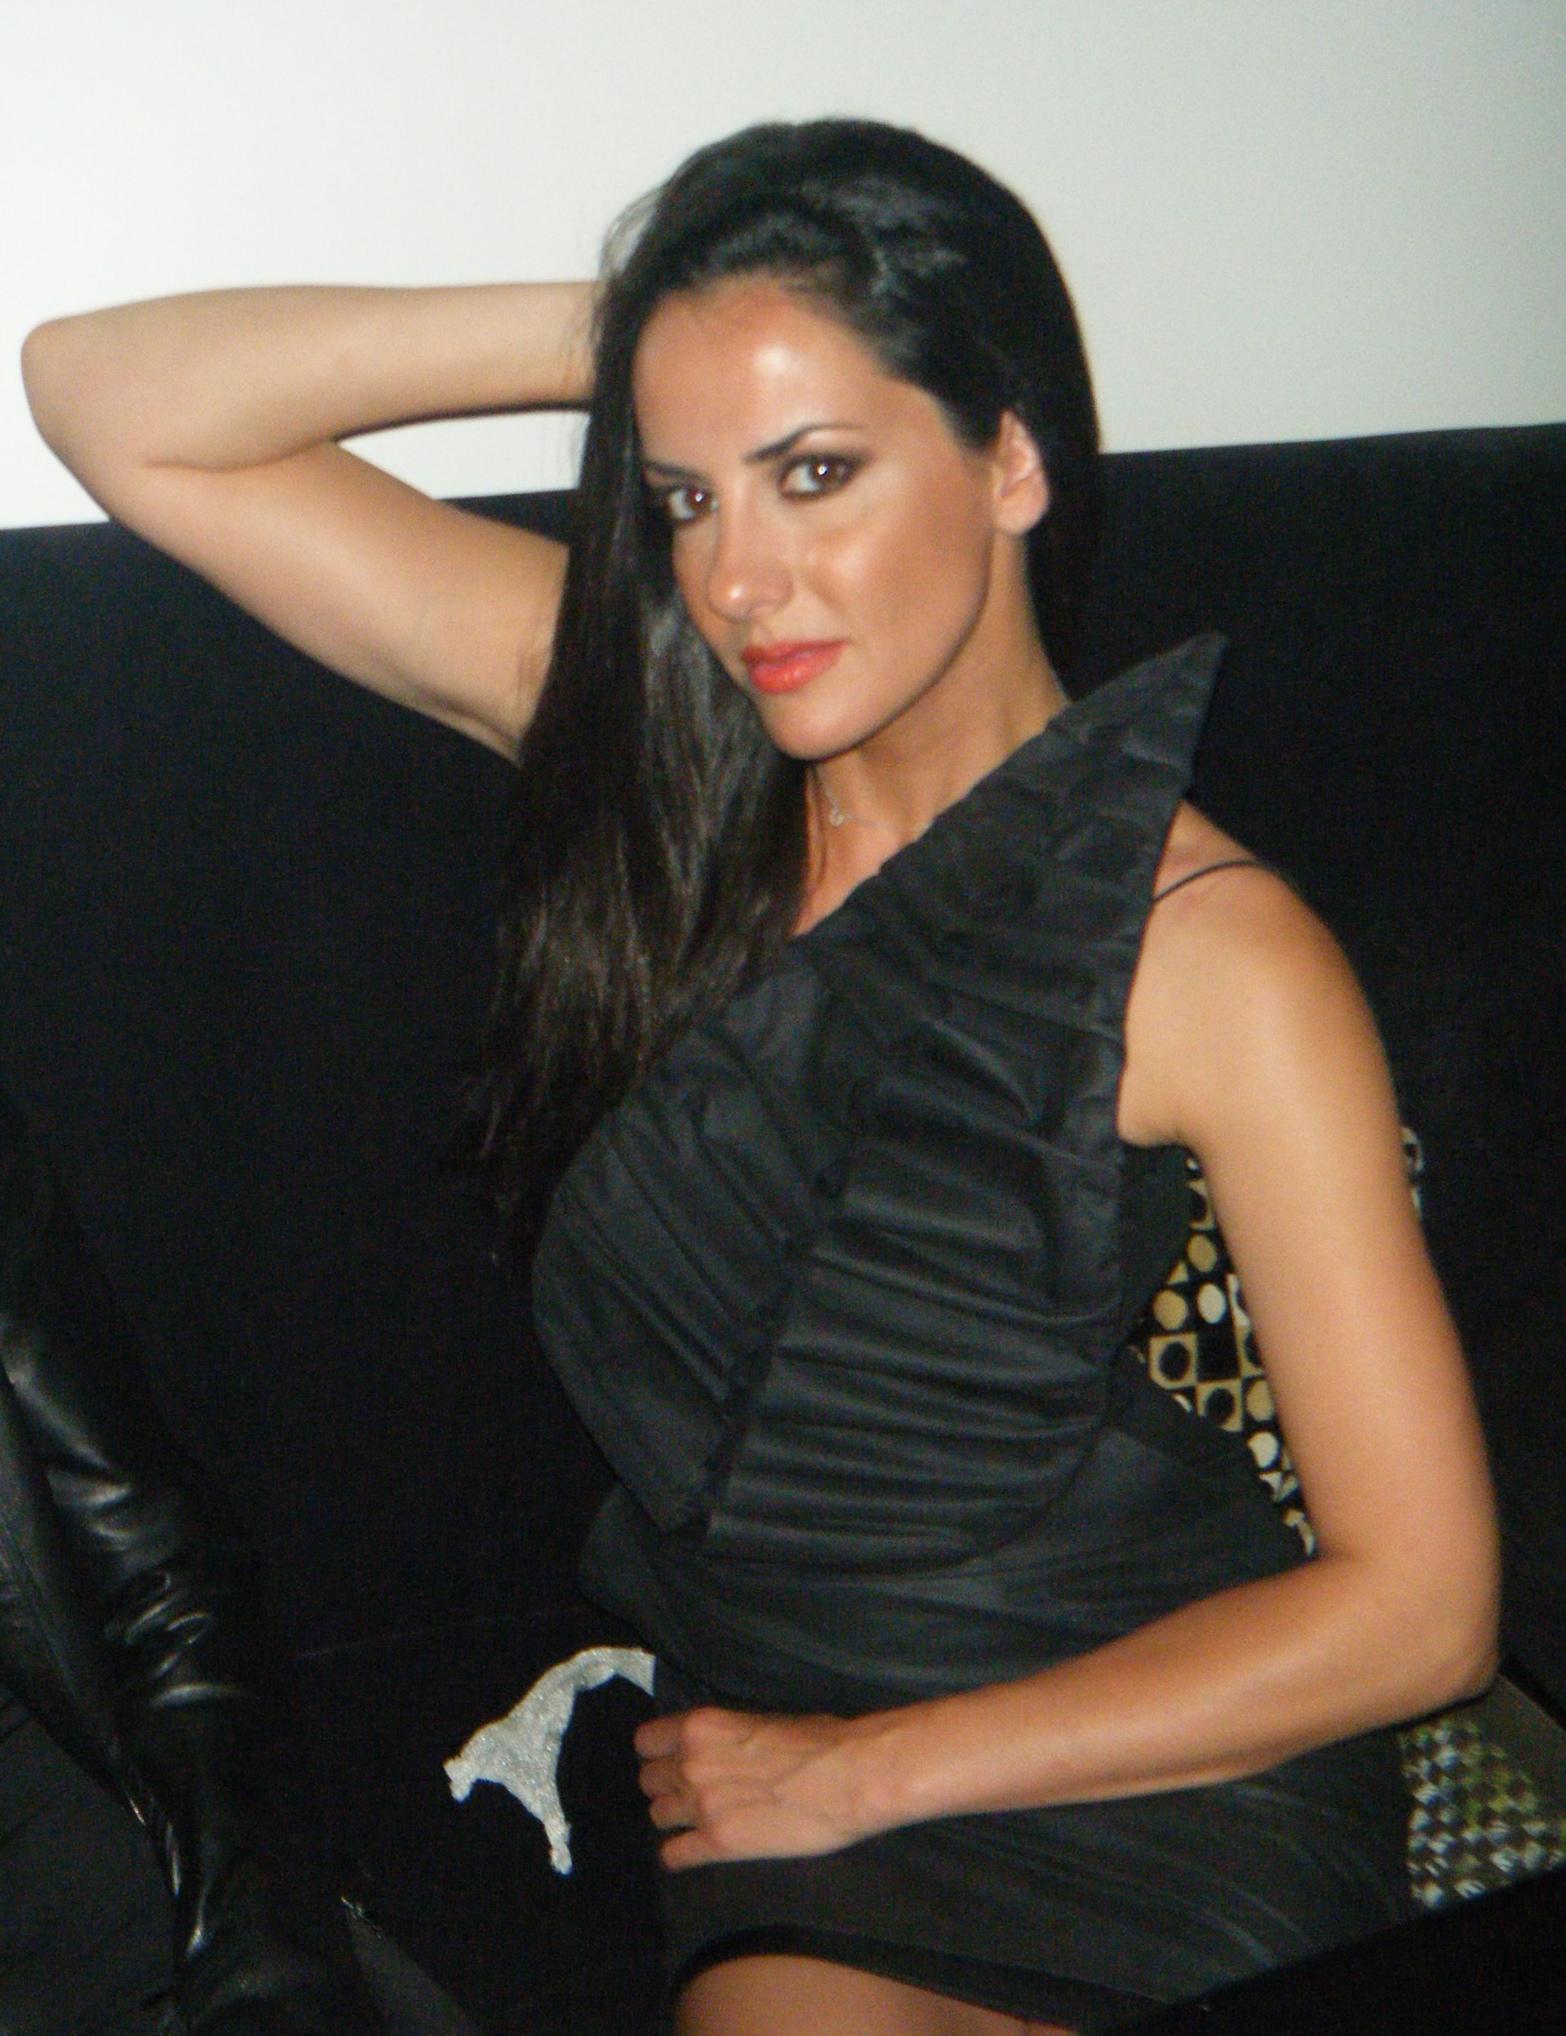 Ευη Αδάμ με μαύρο φόρεμα με φύλλο της Charlotte Eskildsen